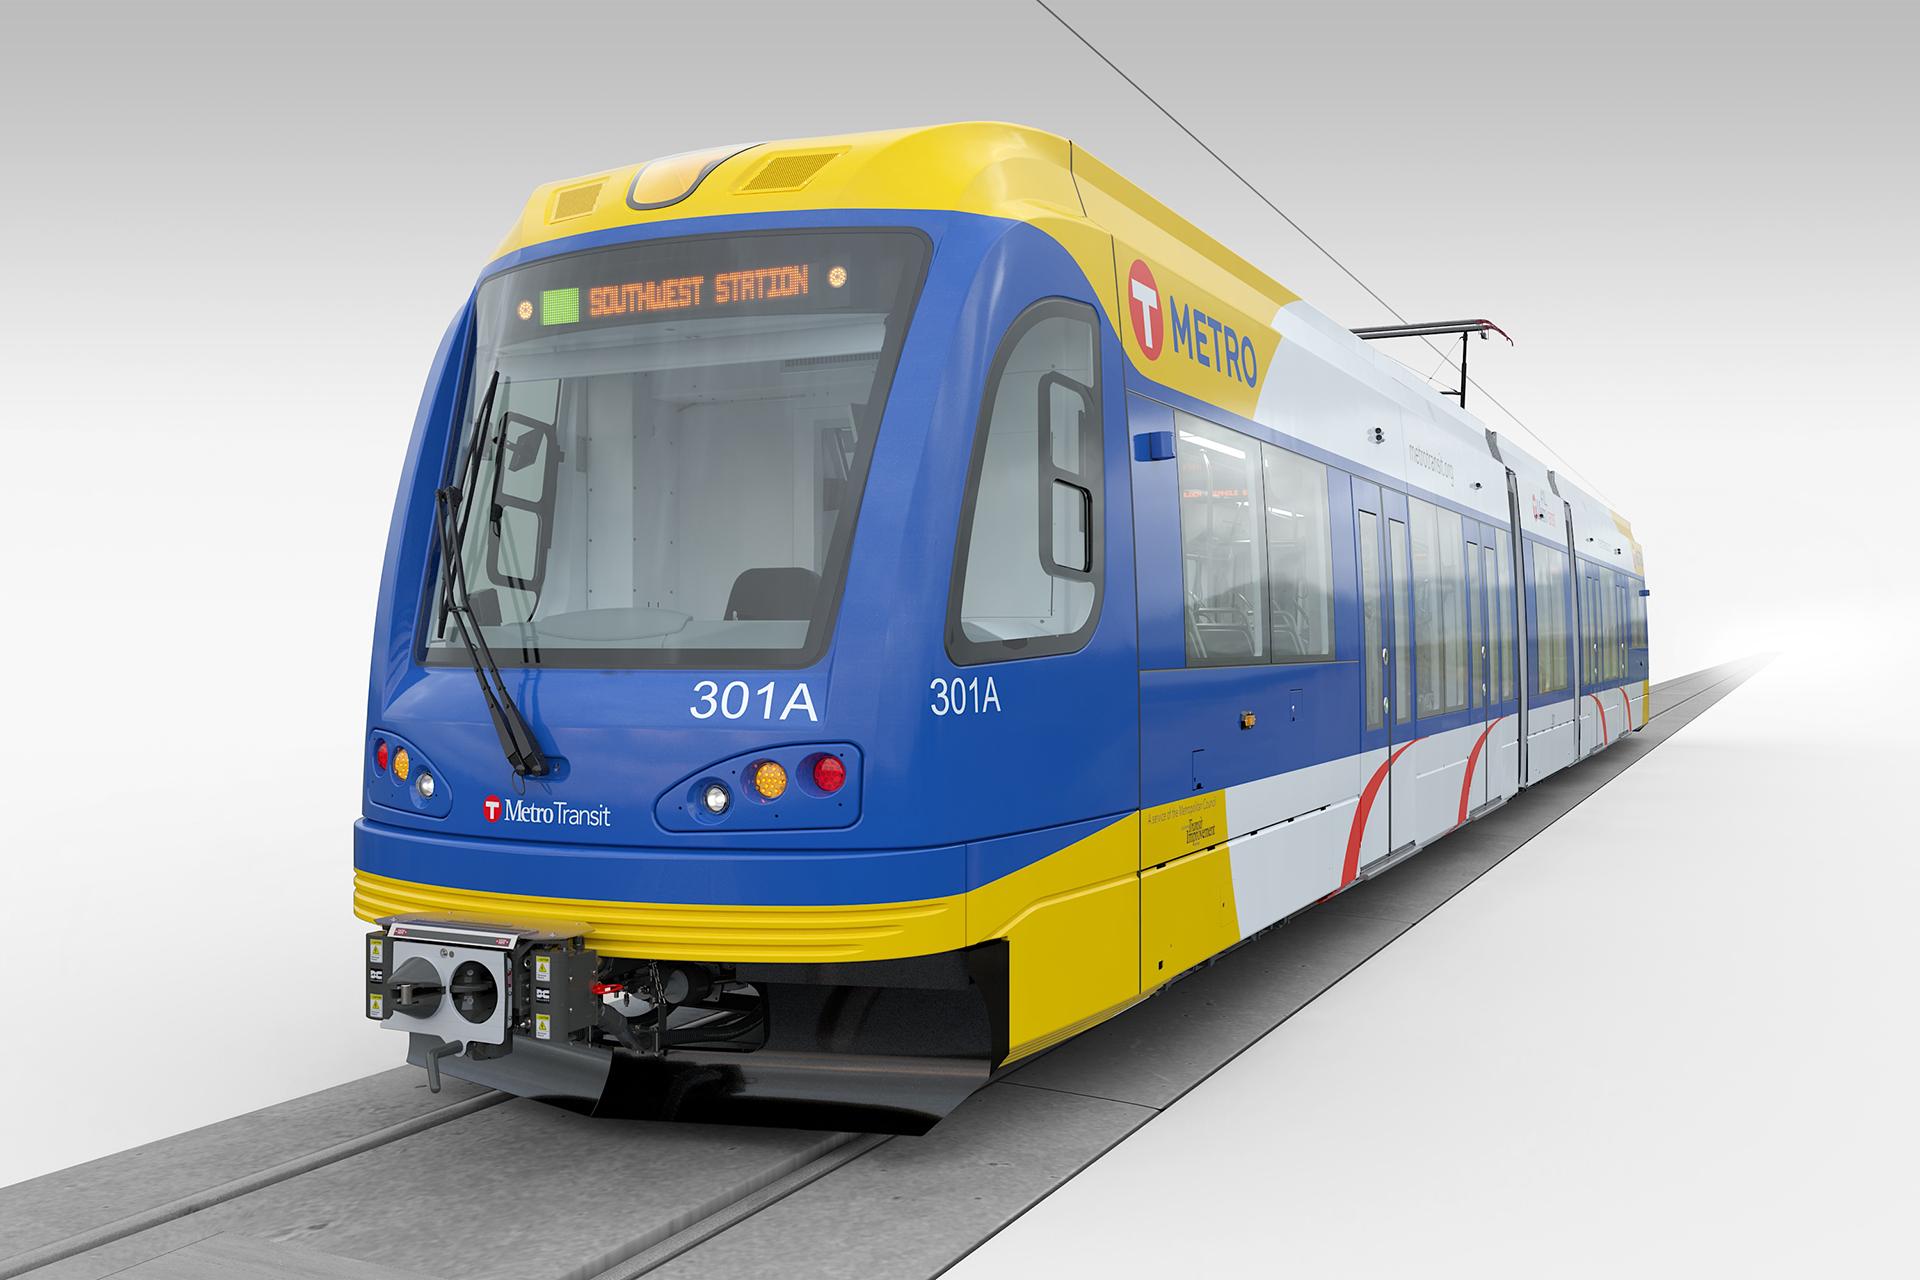 รถไฟฟ้า Light Rail ความ